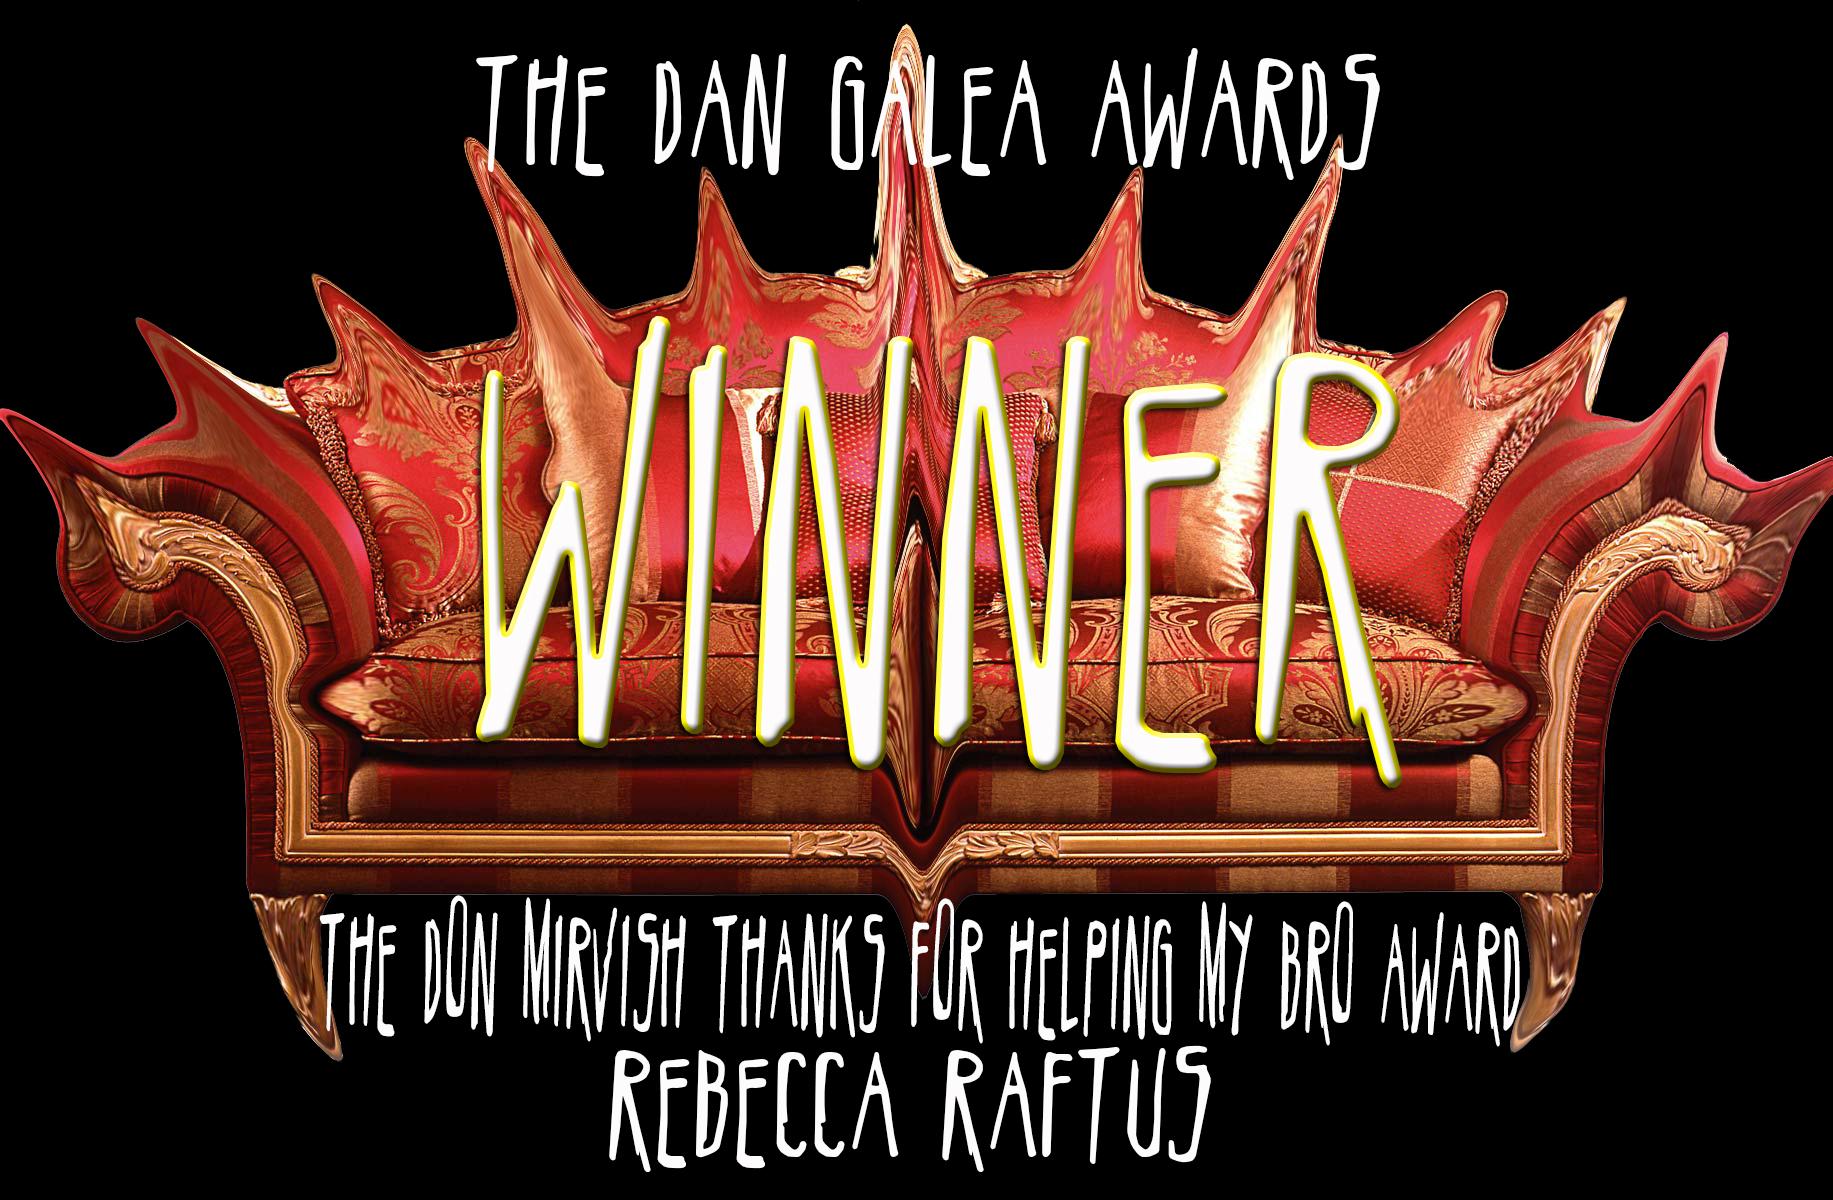 DGawards Rebecca Raftus.jpg